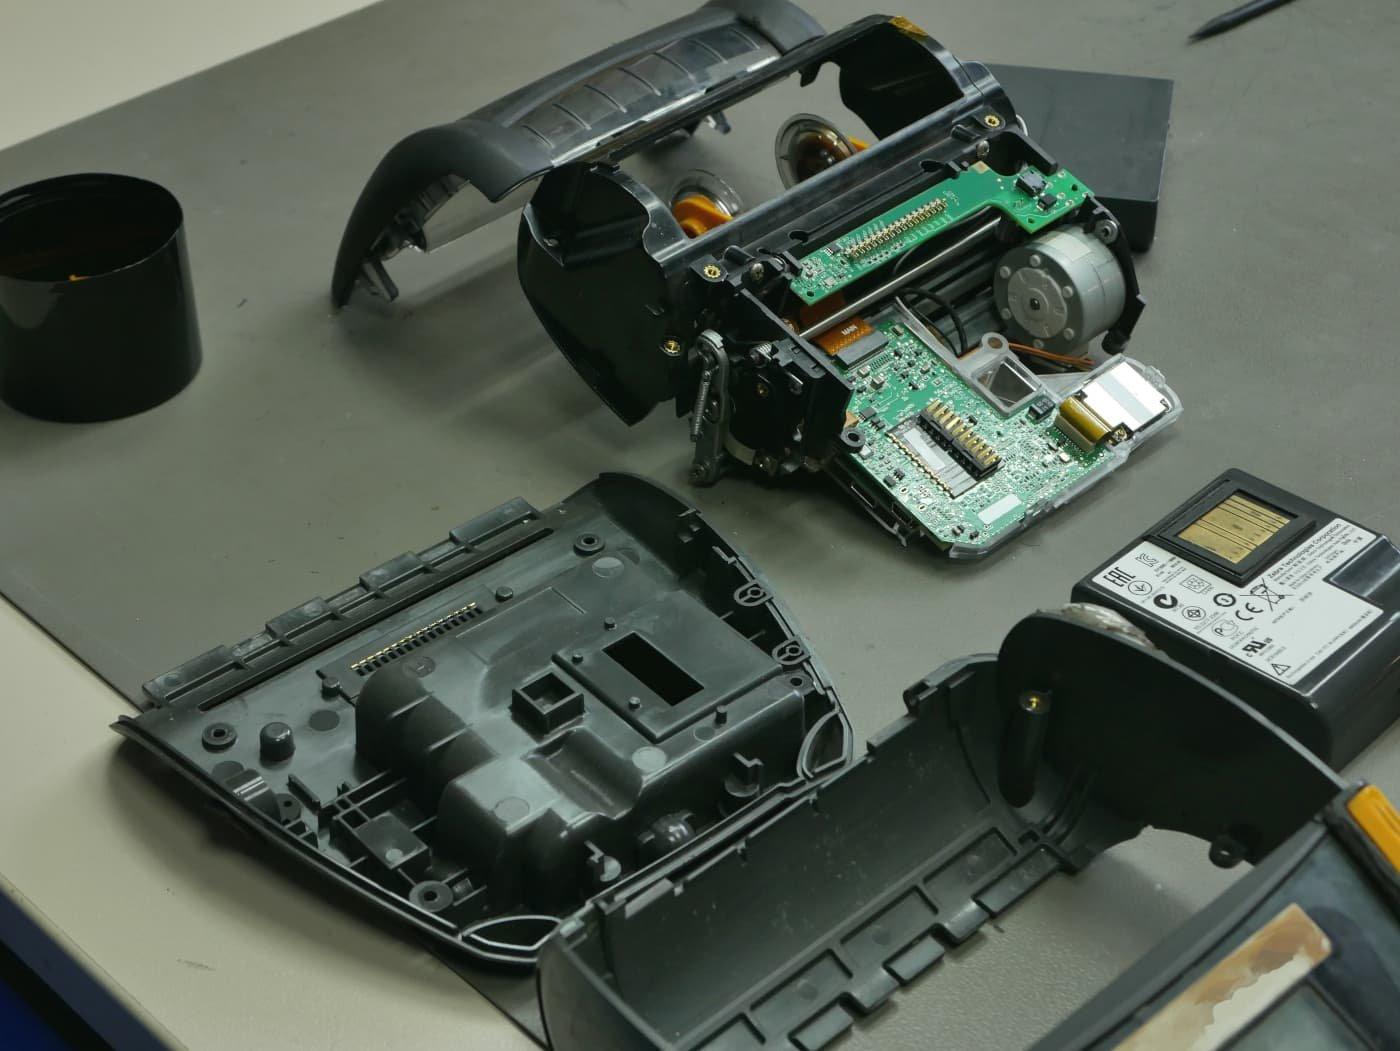 COSYS repariert auch mobile Etikettendrucker von Zebra